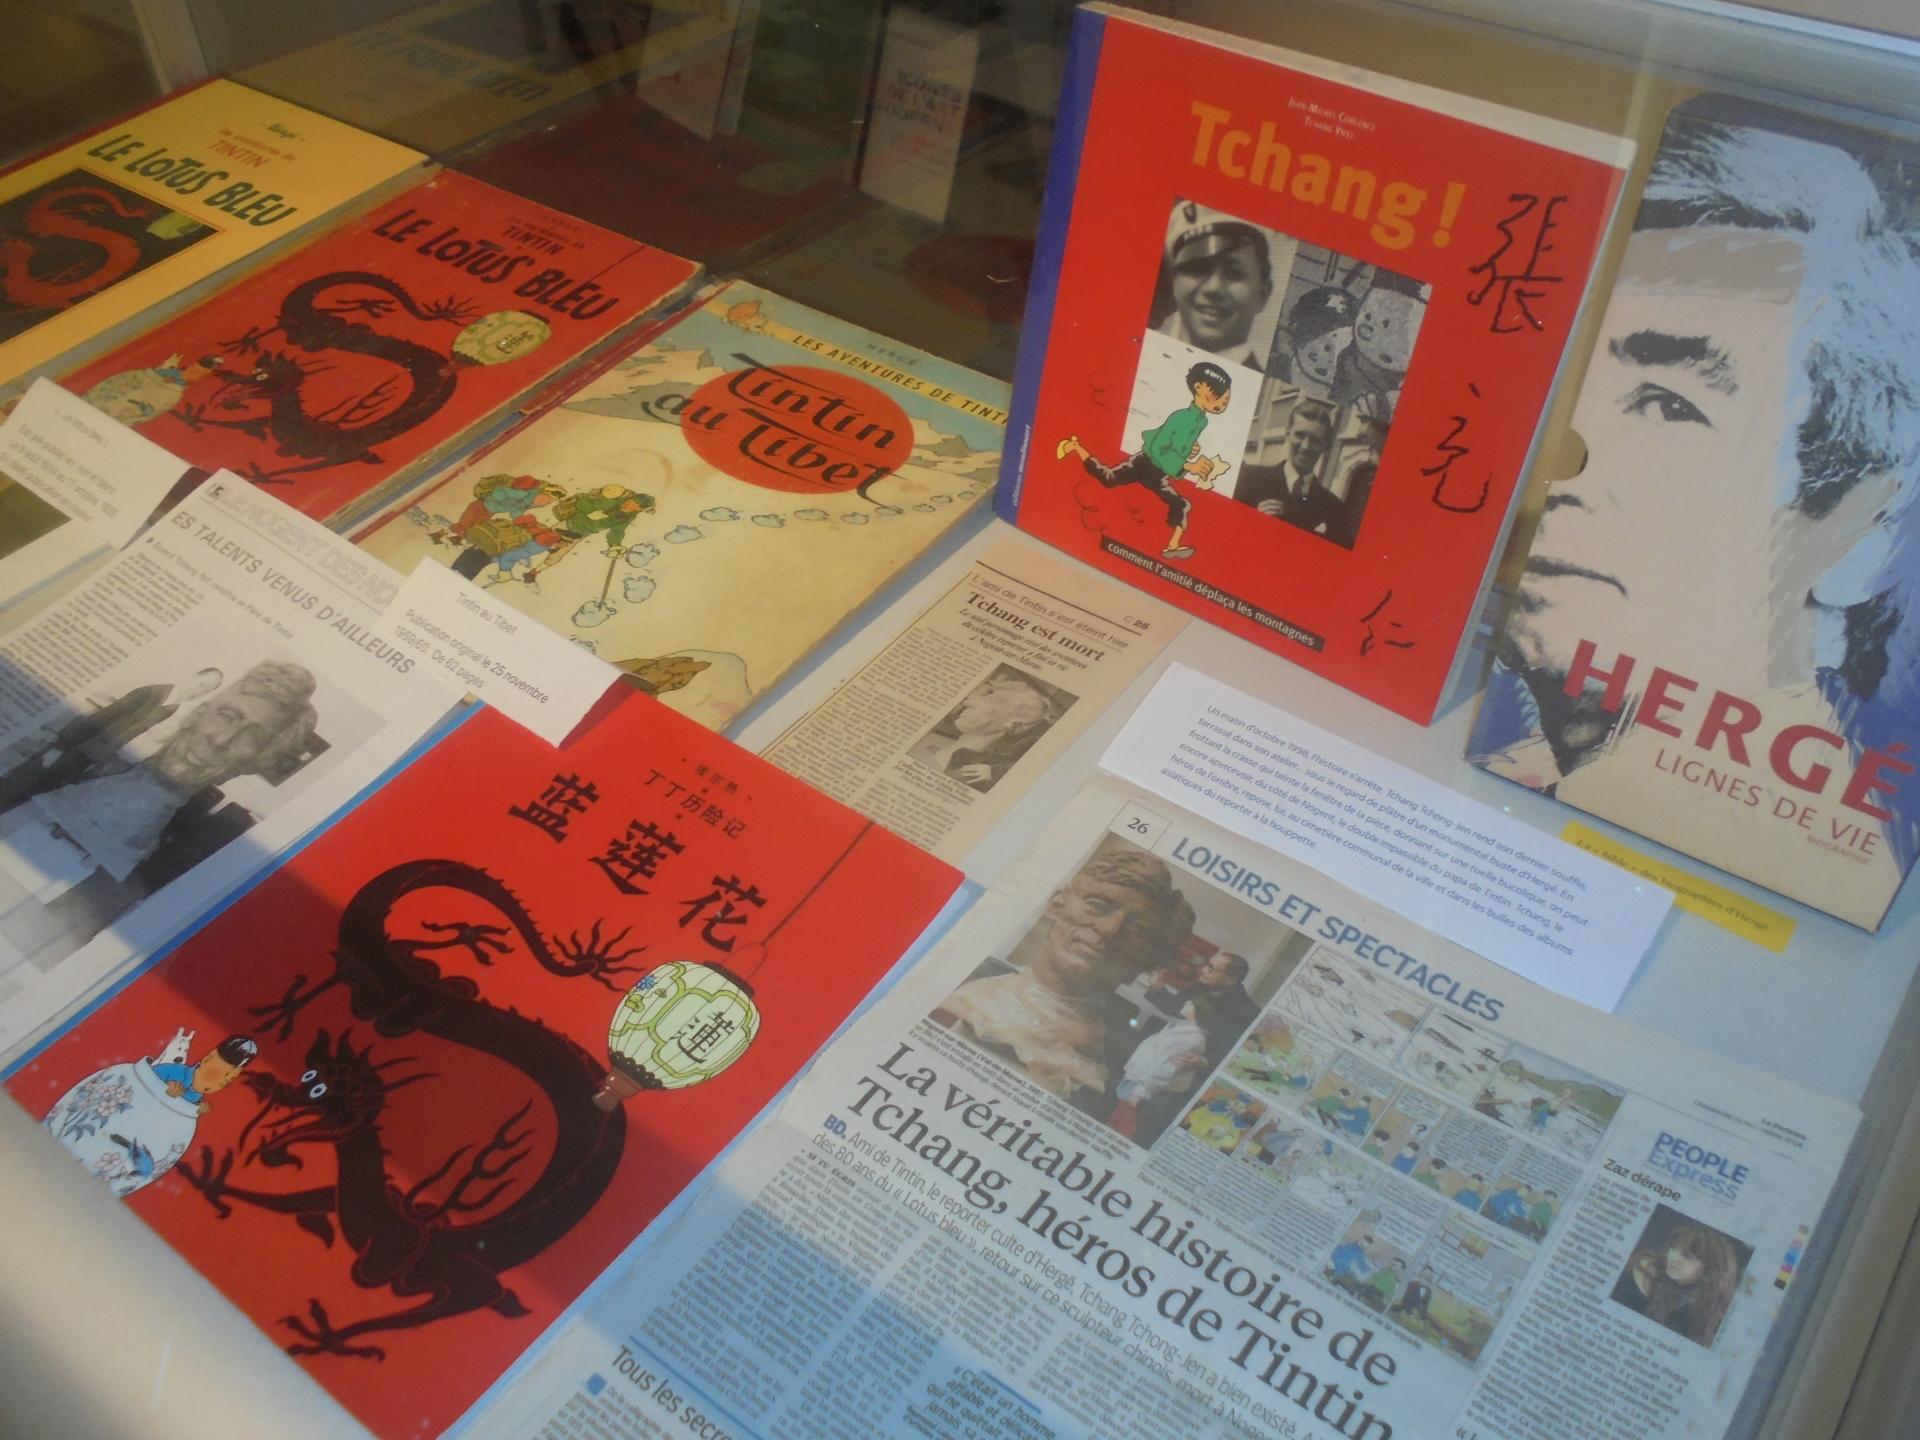 Conférence: Hergé et Tchang, l'histoire d'une belle amitié